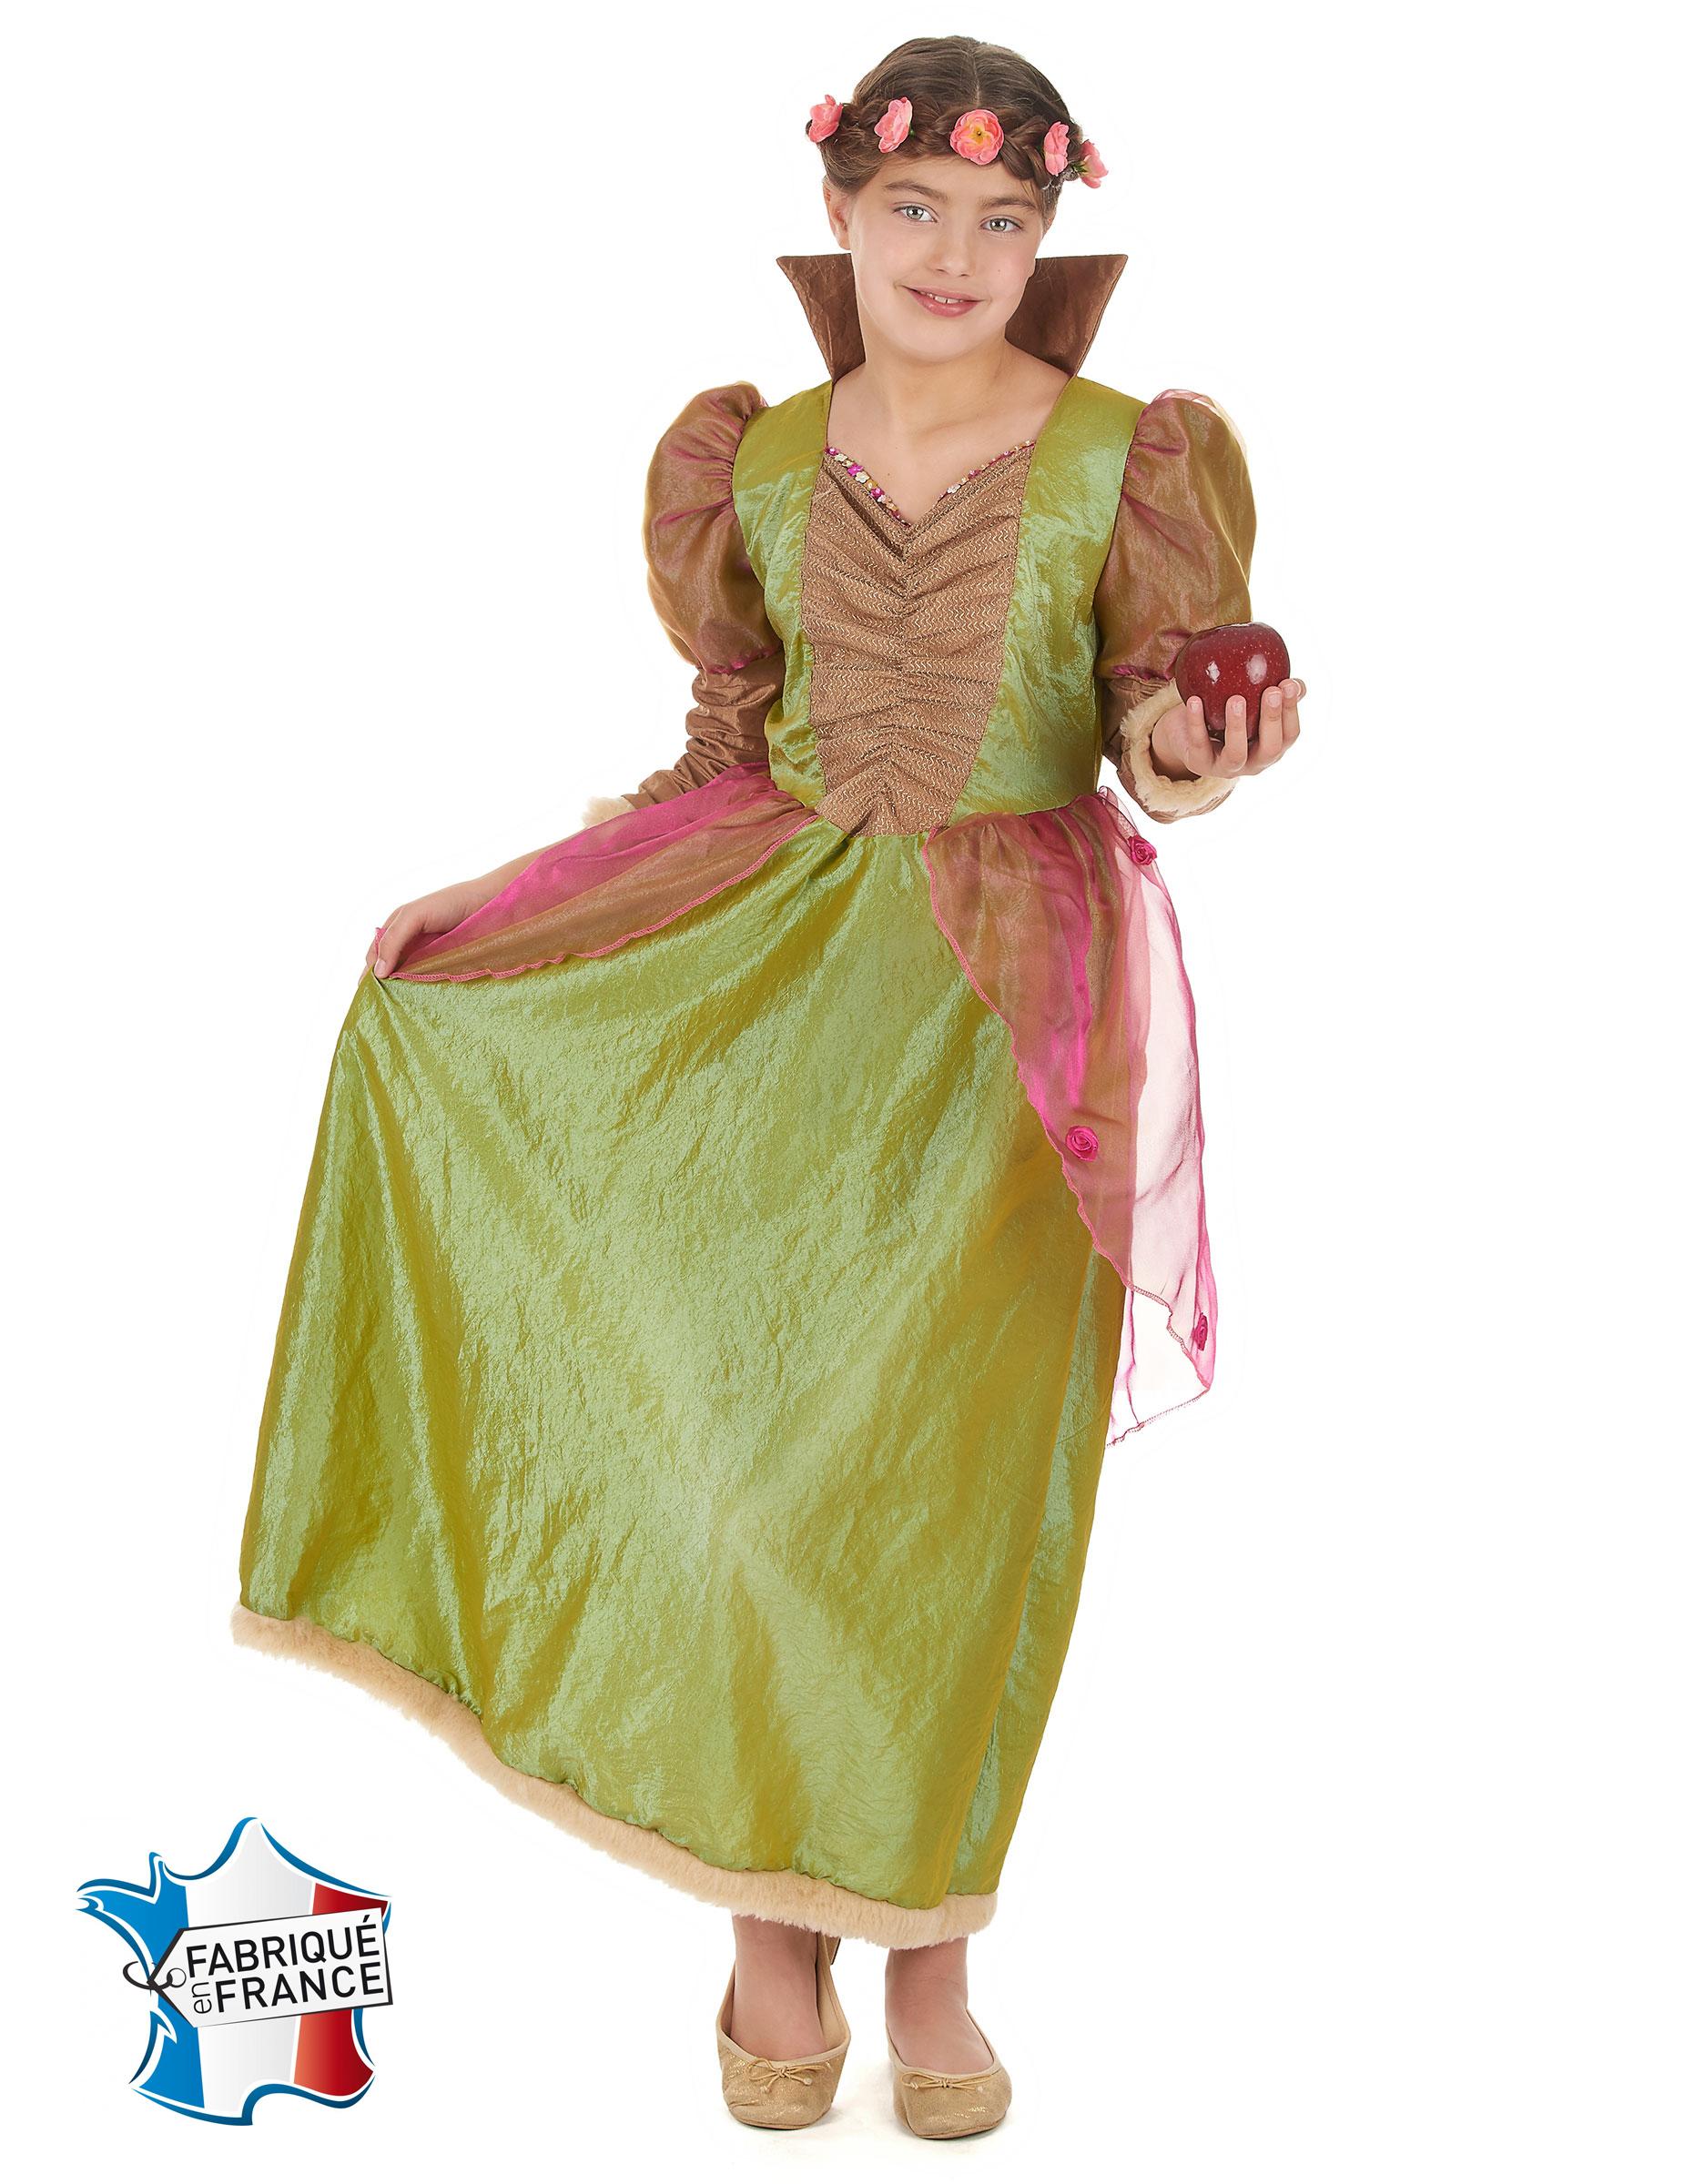 http://cdn.deguisetoi.fr/images/rep_articles/gra/de/deguisement-princesse-de-la-foret-fille_222409_1.jpg